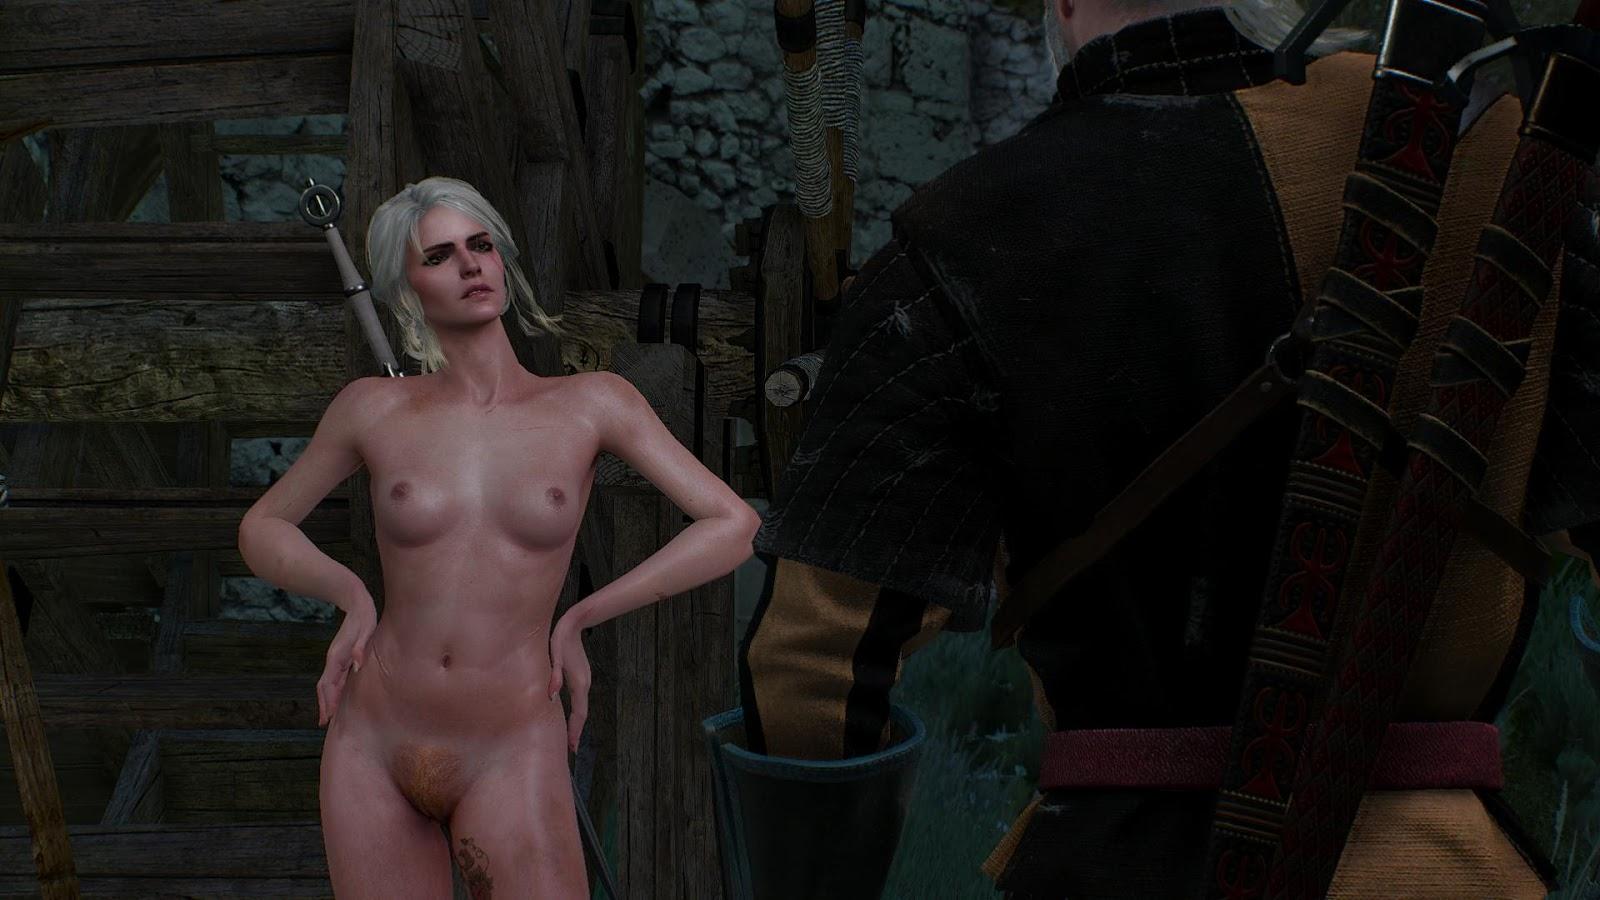 blond sex girl hot